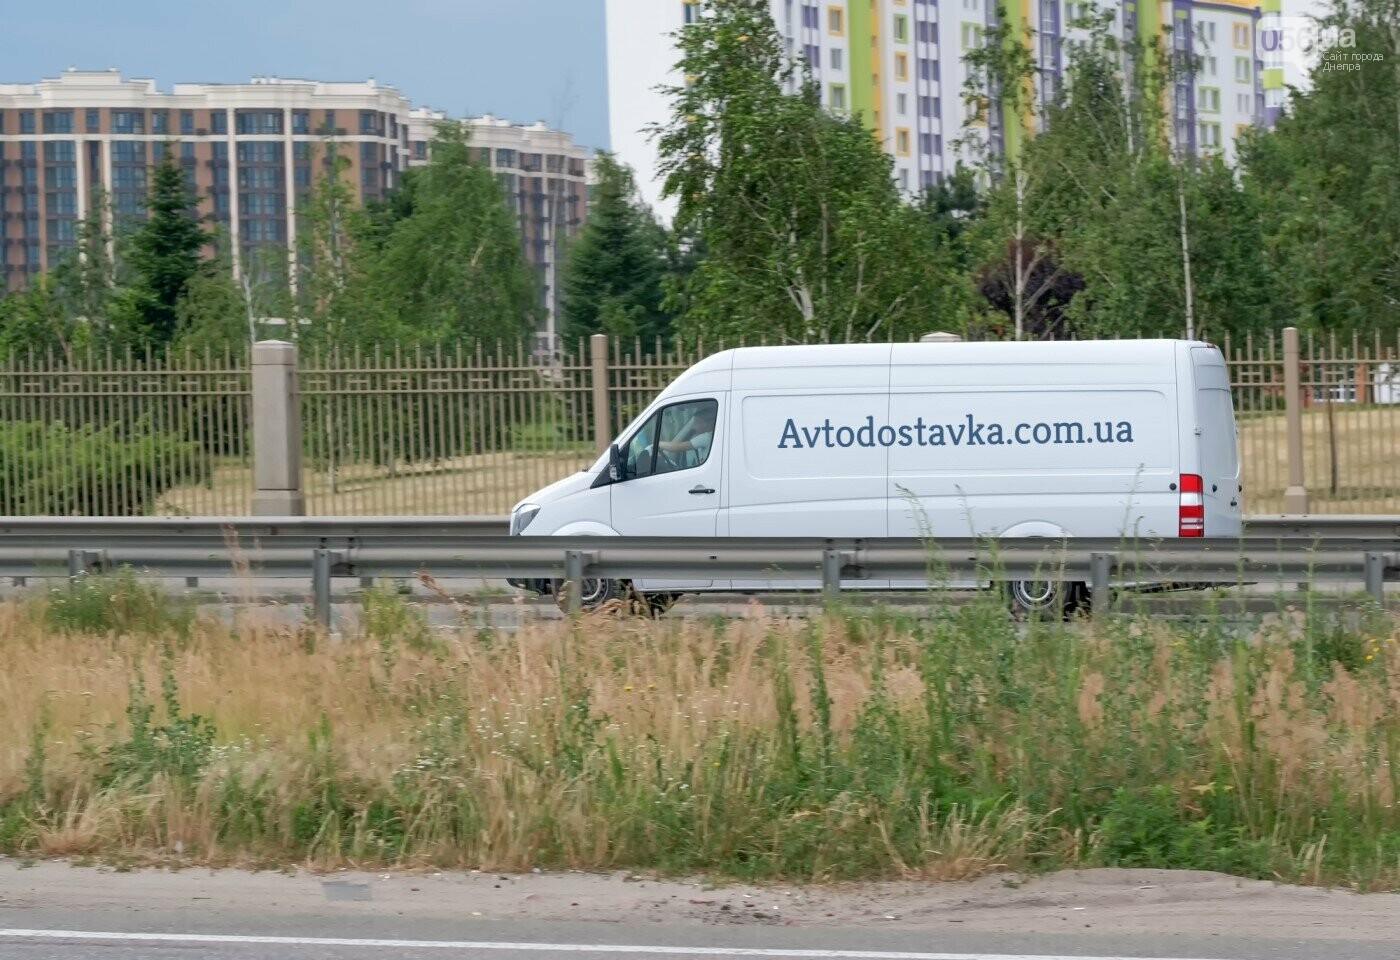 Грузовые перевозки Днепр Киев - транспортная служба Автодоставка, фото-6